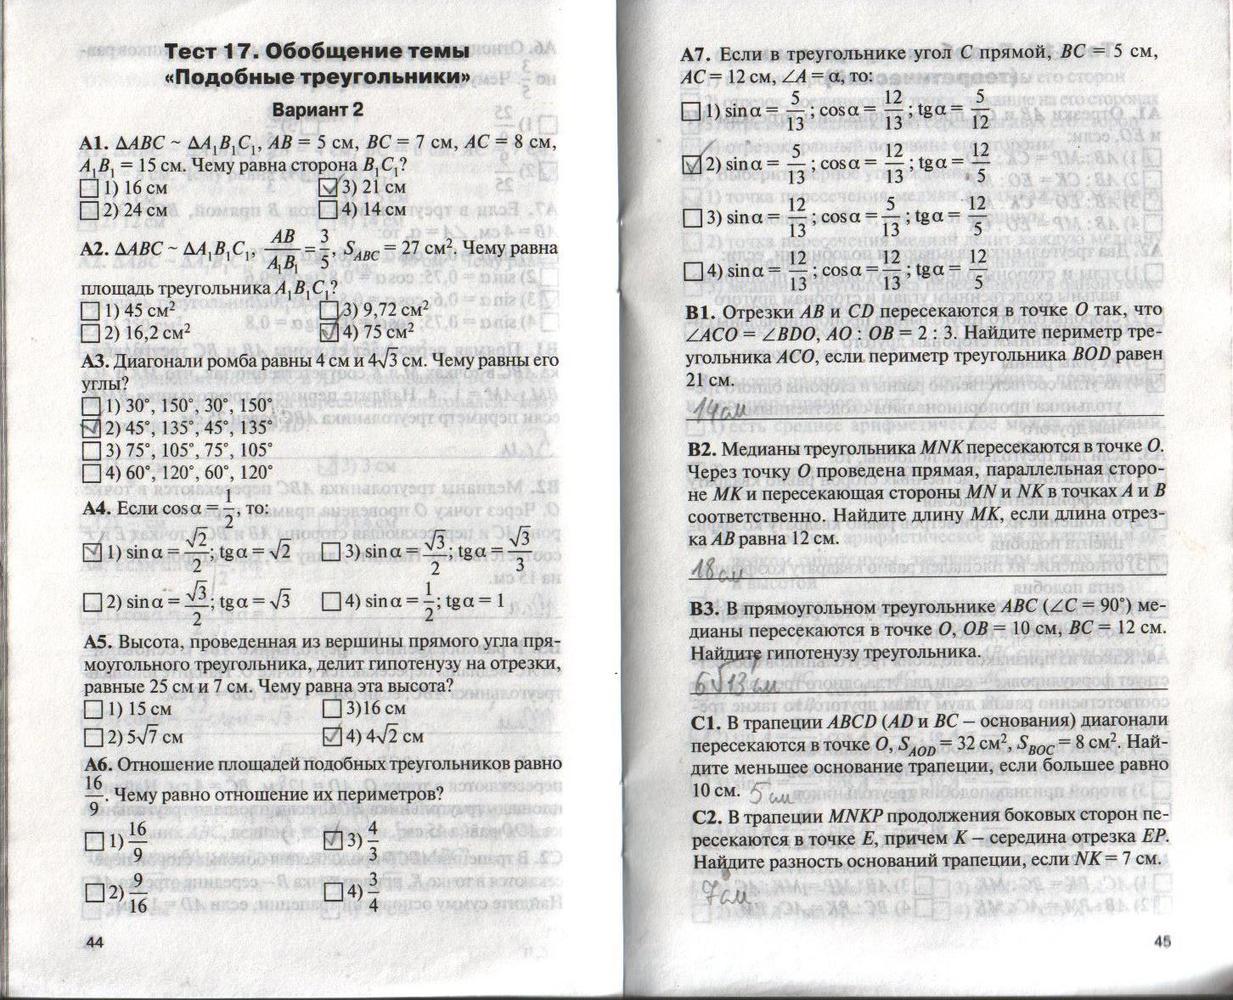 Гдз по геометрии 8 класс гаврилова контрольно измерительные материалы